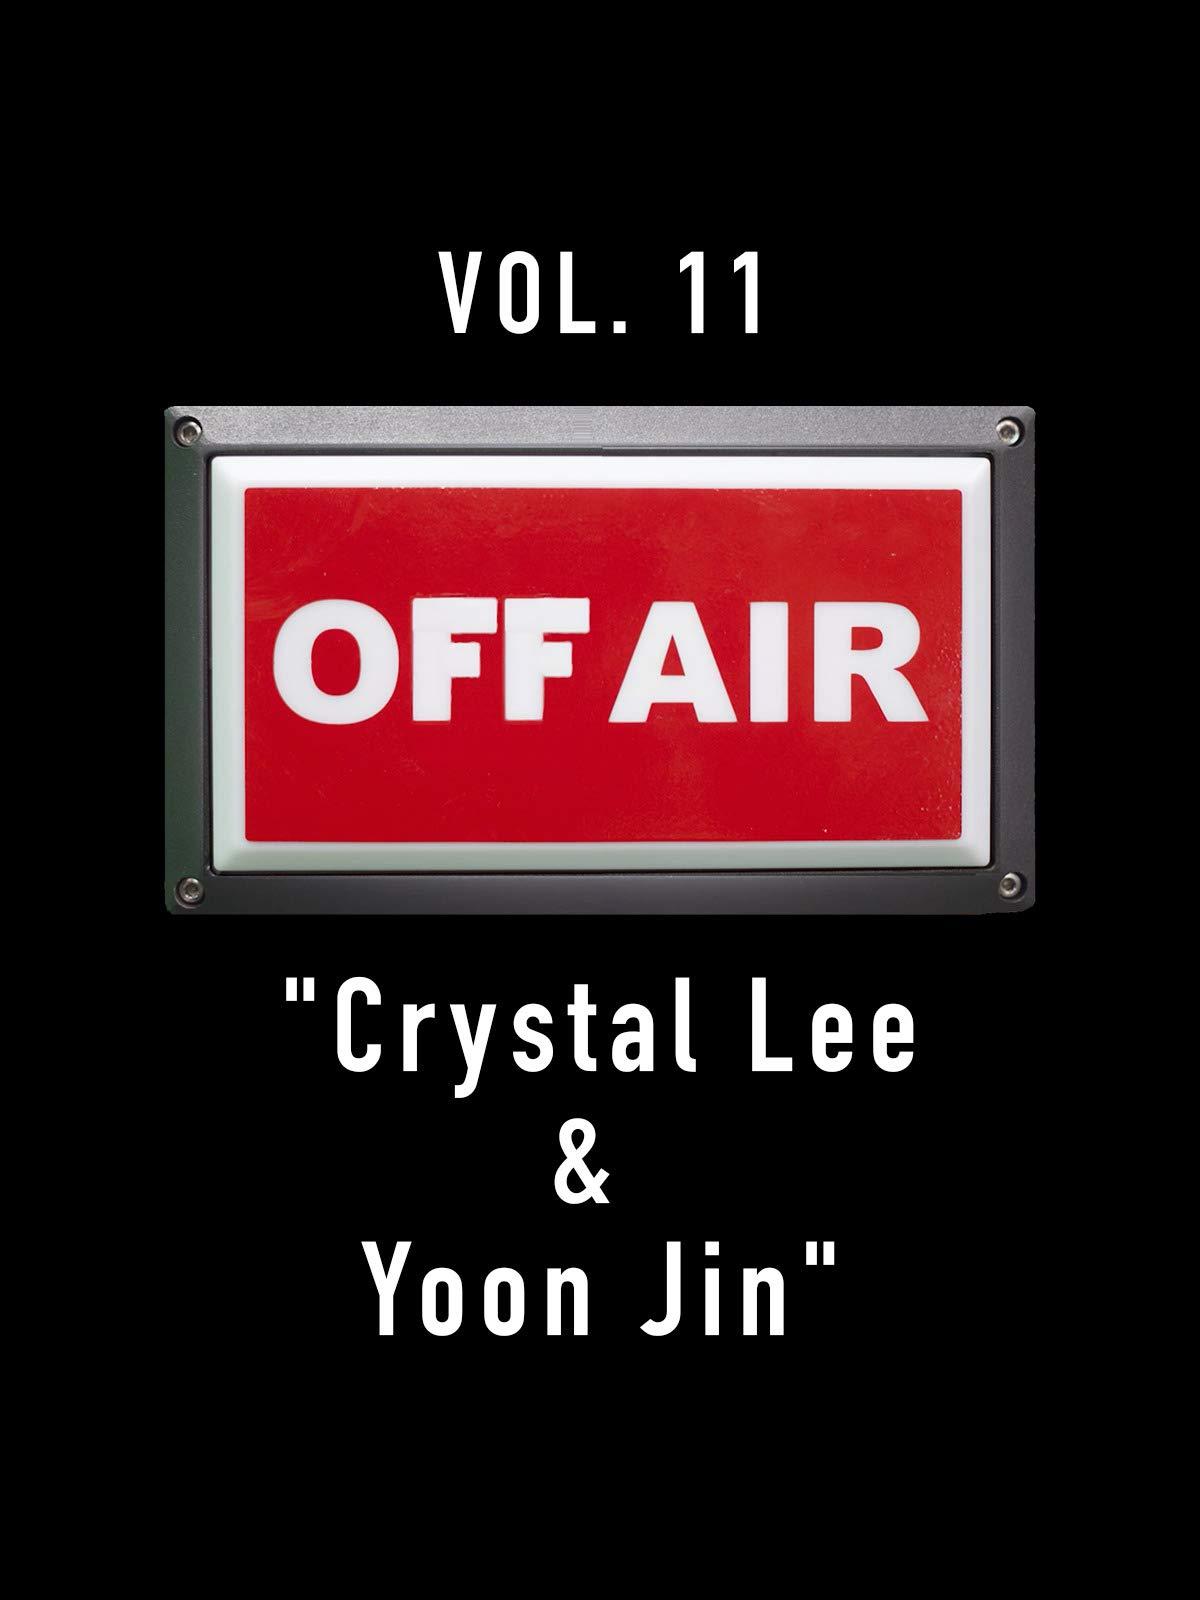 Off-Air Vol. 11